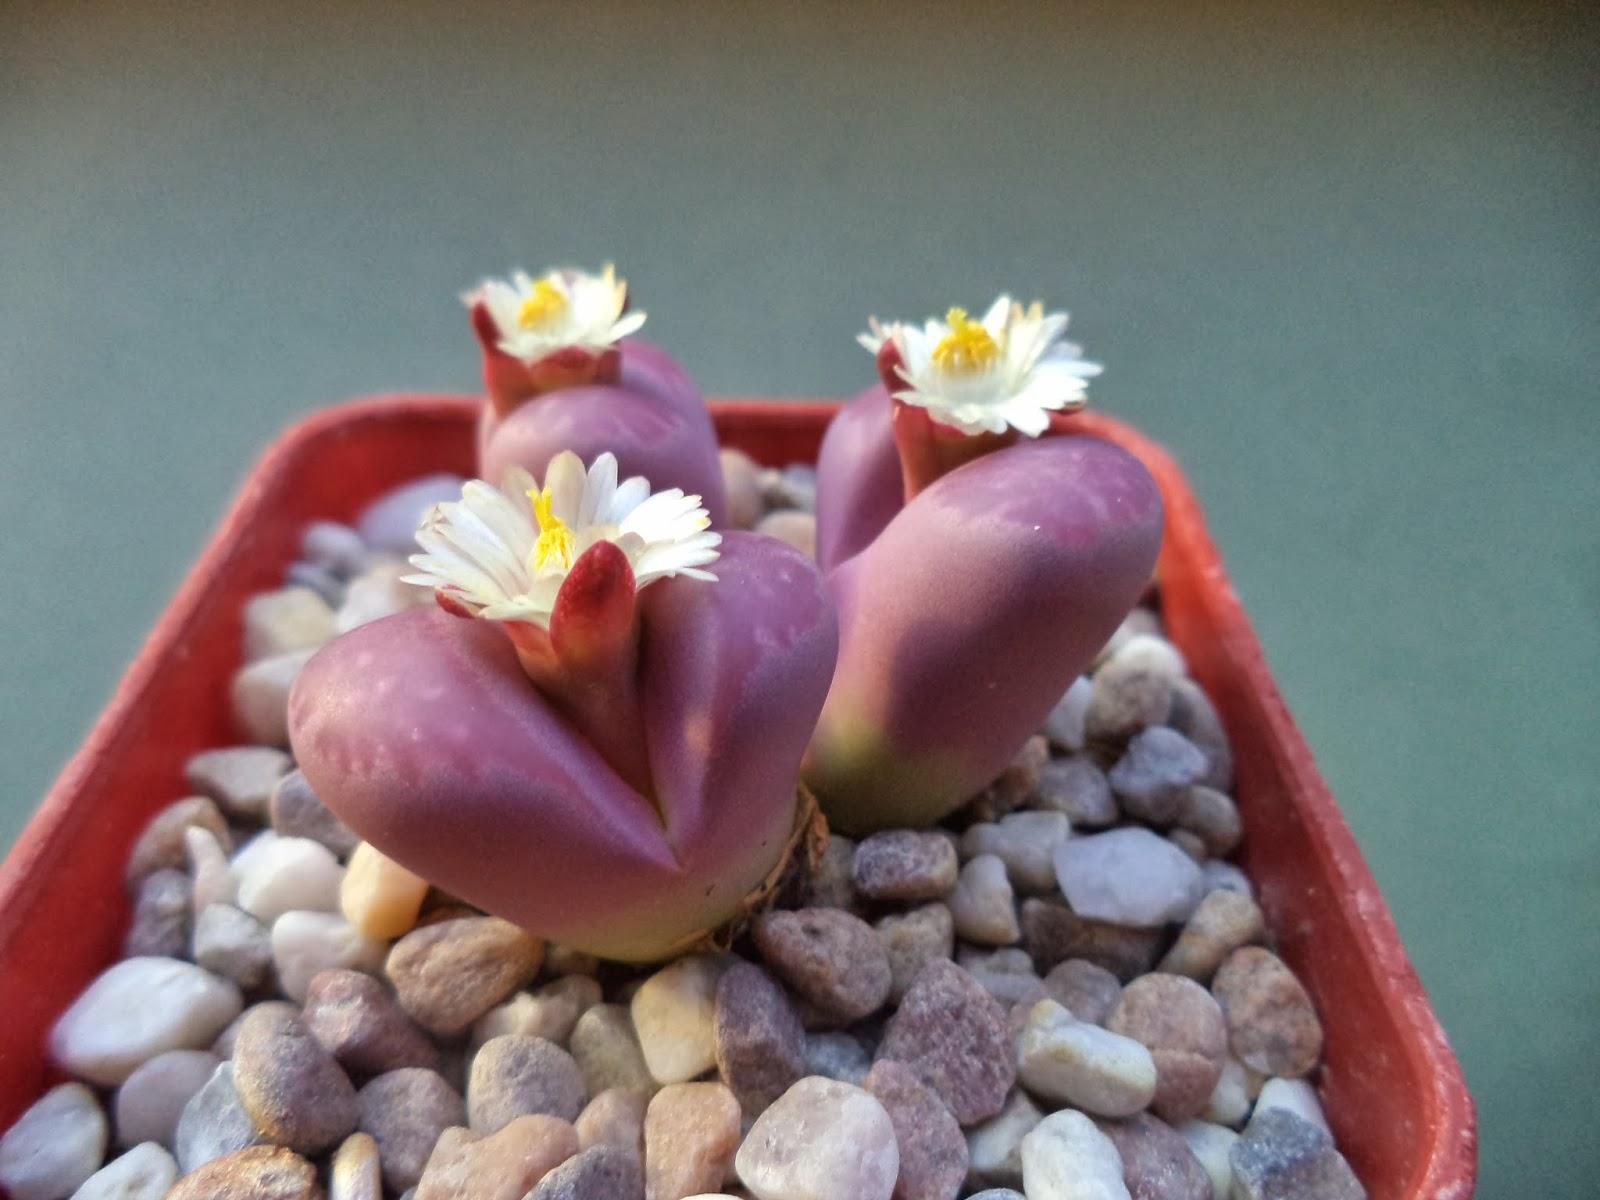 Flor de pedra (Lithops Optica.) para as moças, abraços para os amigos, boa semana a todos!